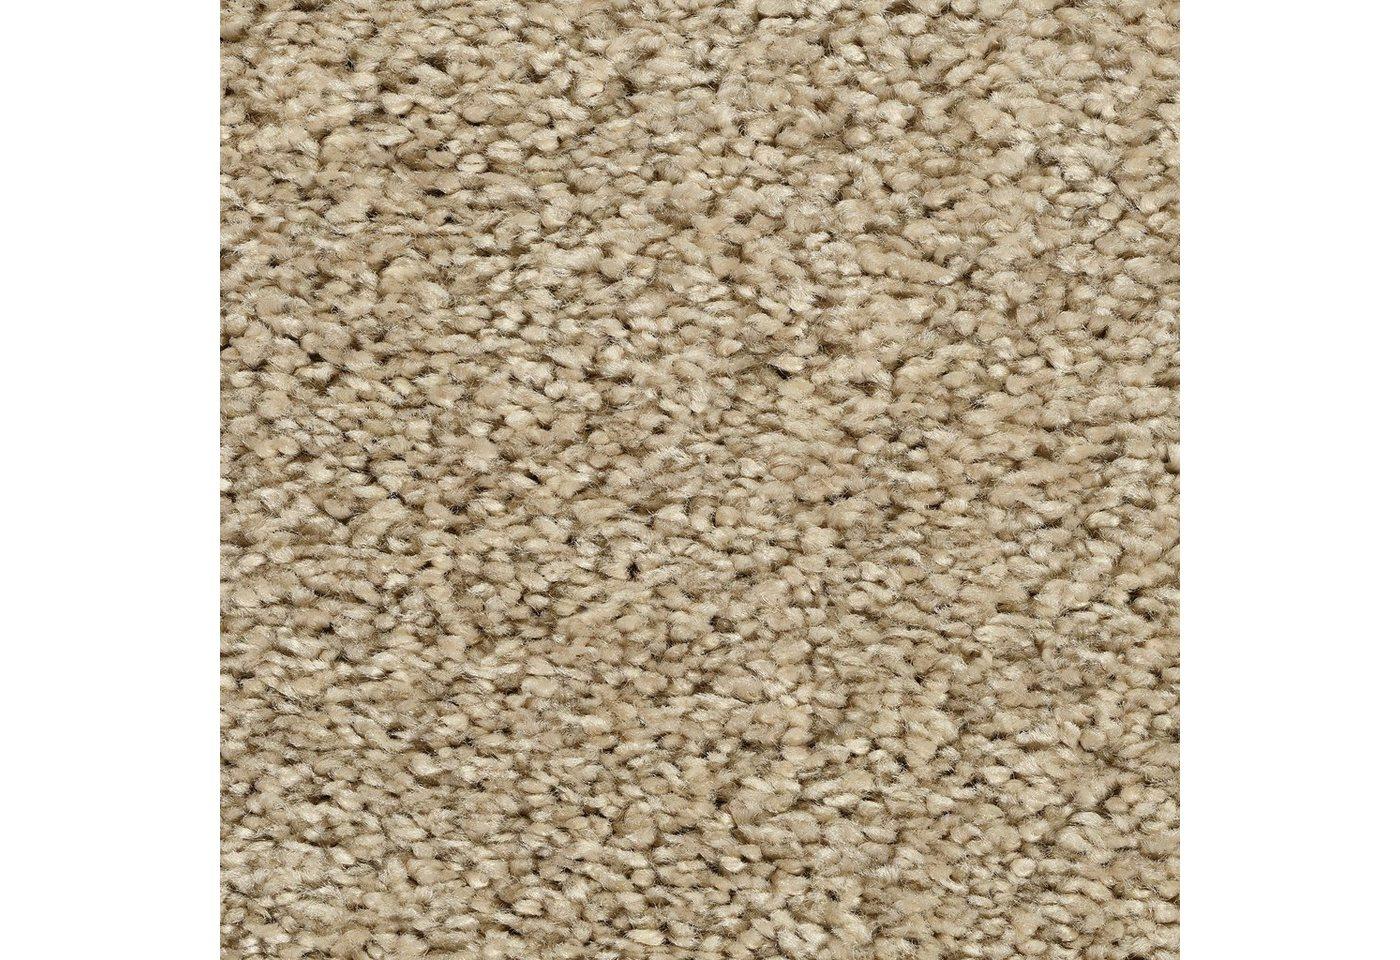 VORWERK Teppichboden »Passion 1001«, Meterware, Velours, Breite 400/500 cm | Baumarkt > Bodenbeläge > Teppichboden | Vorwerk